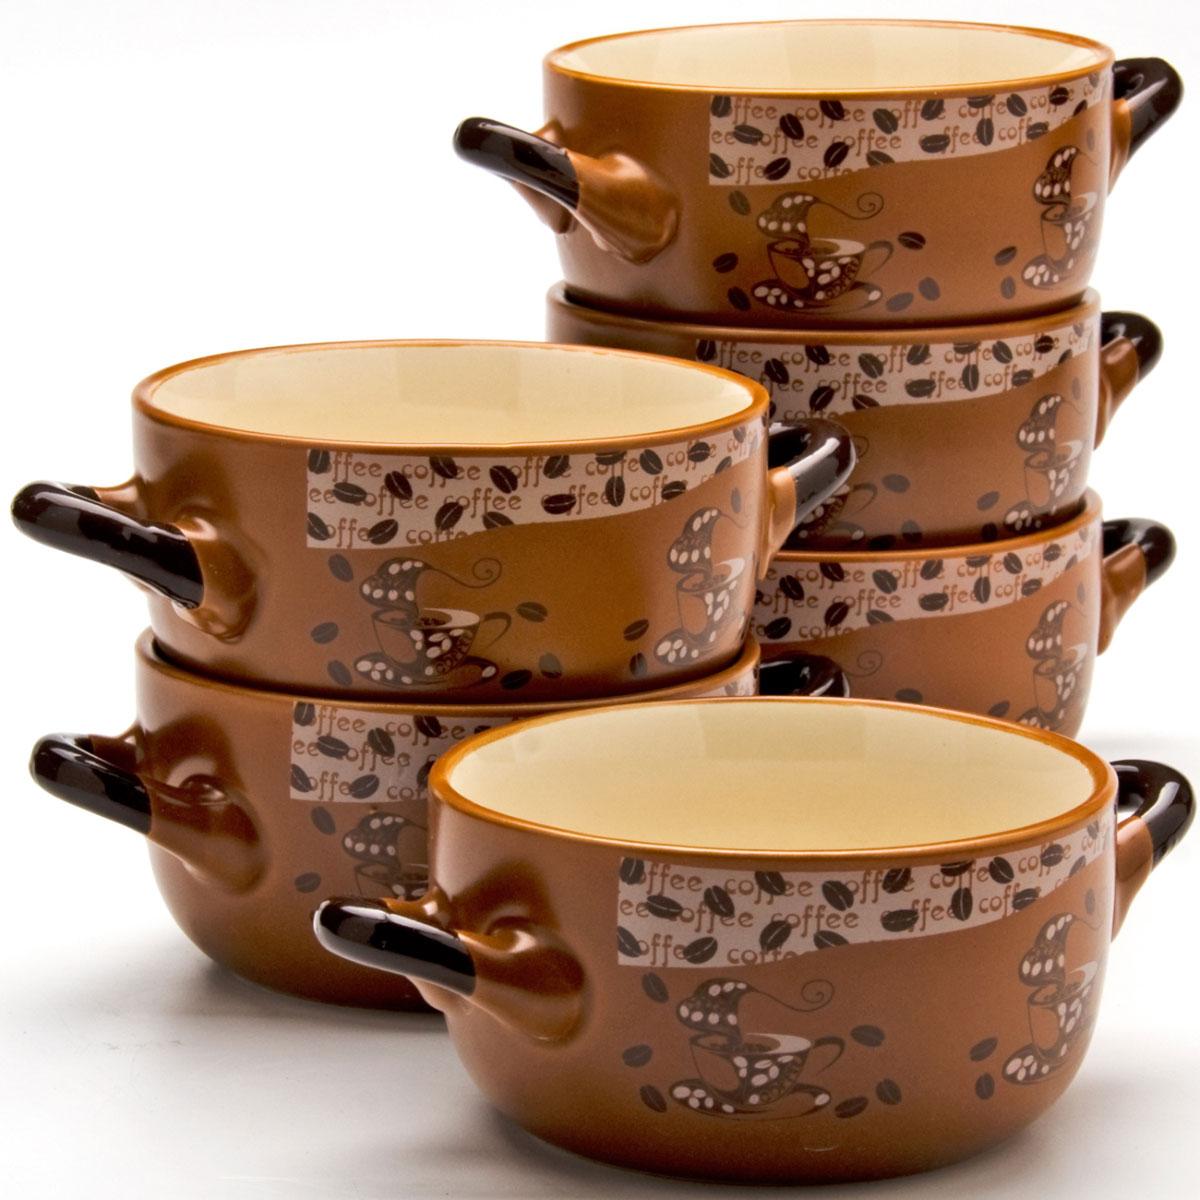 Набор супниц Loraine, 380 мл, 6 предметов. 23546115510Каждая хозяйка знает – красивое должно быть и удобным, ведь в первую очередь на кухне важна функциональность. Набор состоит из 6-х керамических супниц. Керамика обладает термической и химической прочностью, поэтому супницы прослужат Вам по-настоящему долго. Набор супниц шоколадного цвета приятно задекорирован светлыми,нежными тонами, создаст на кухне атмосферу уюта. Благодаря своей форме, супницы и подставку легко мыть как вручную, так и в посудомоечной машинке, а компактный размер набора позволит удобно хранить его на любой кухне.